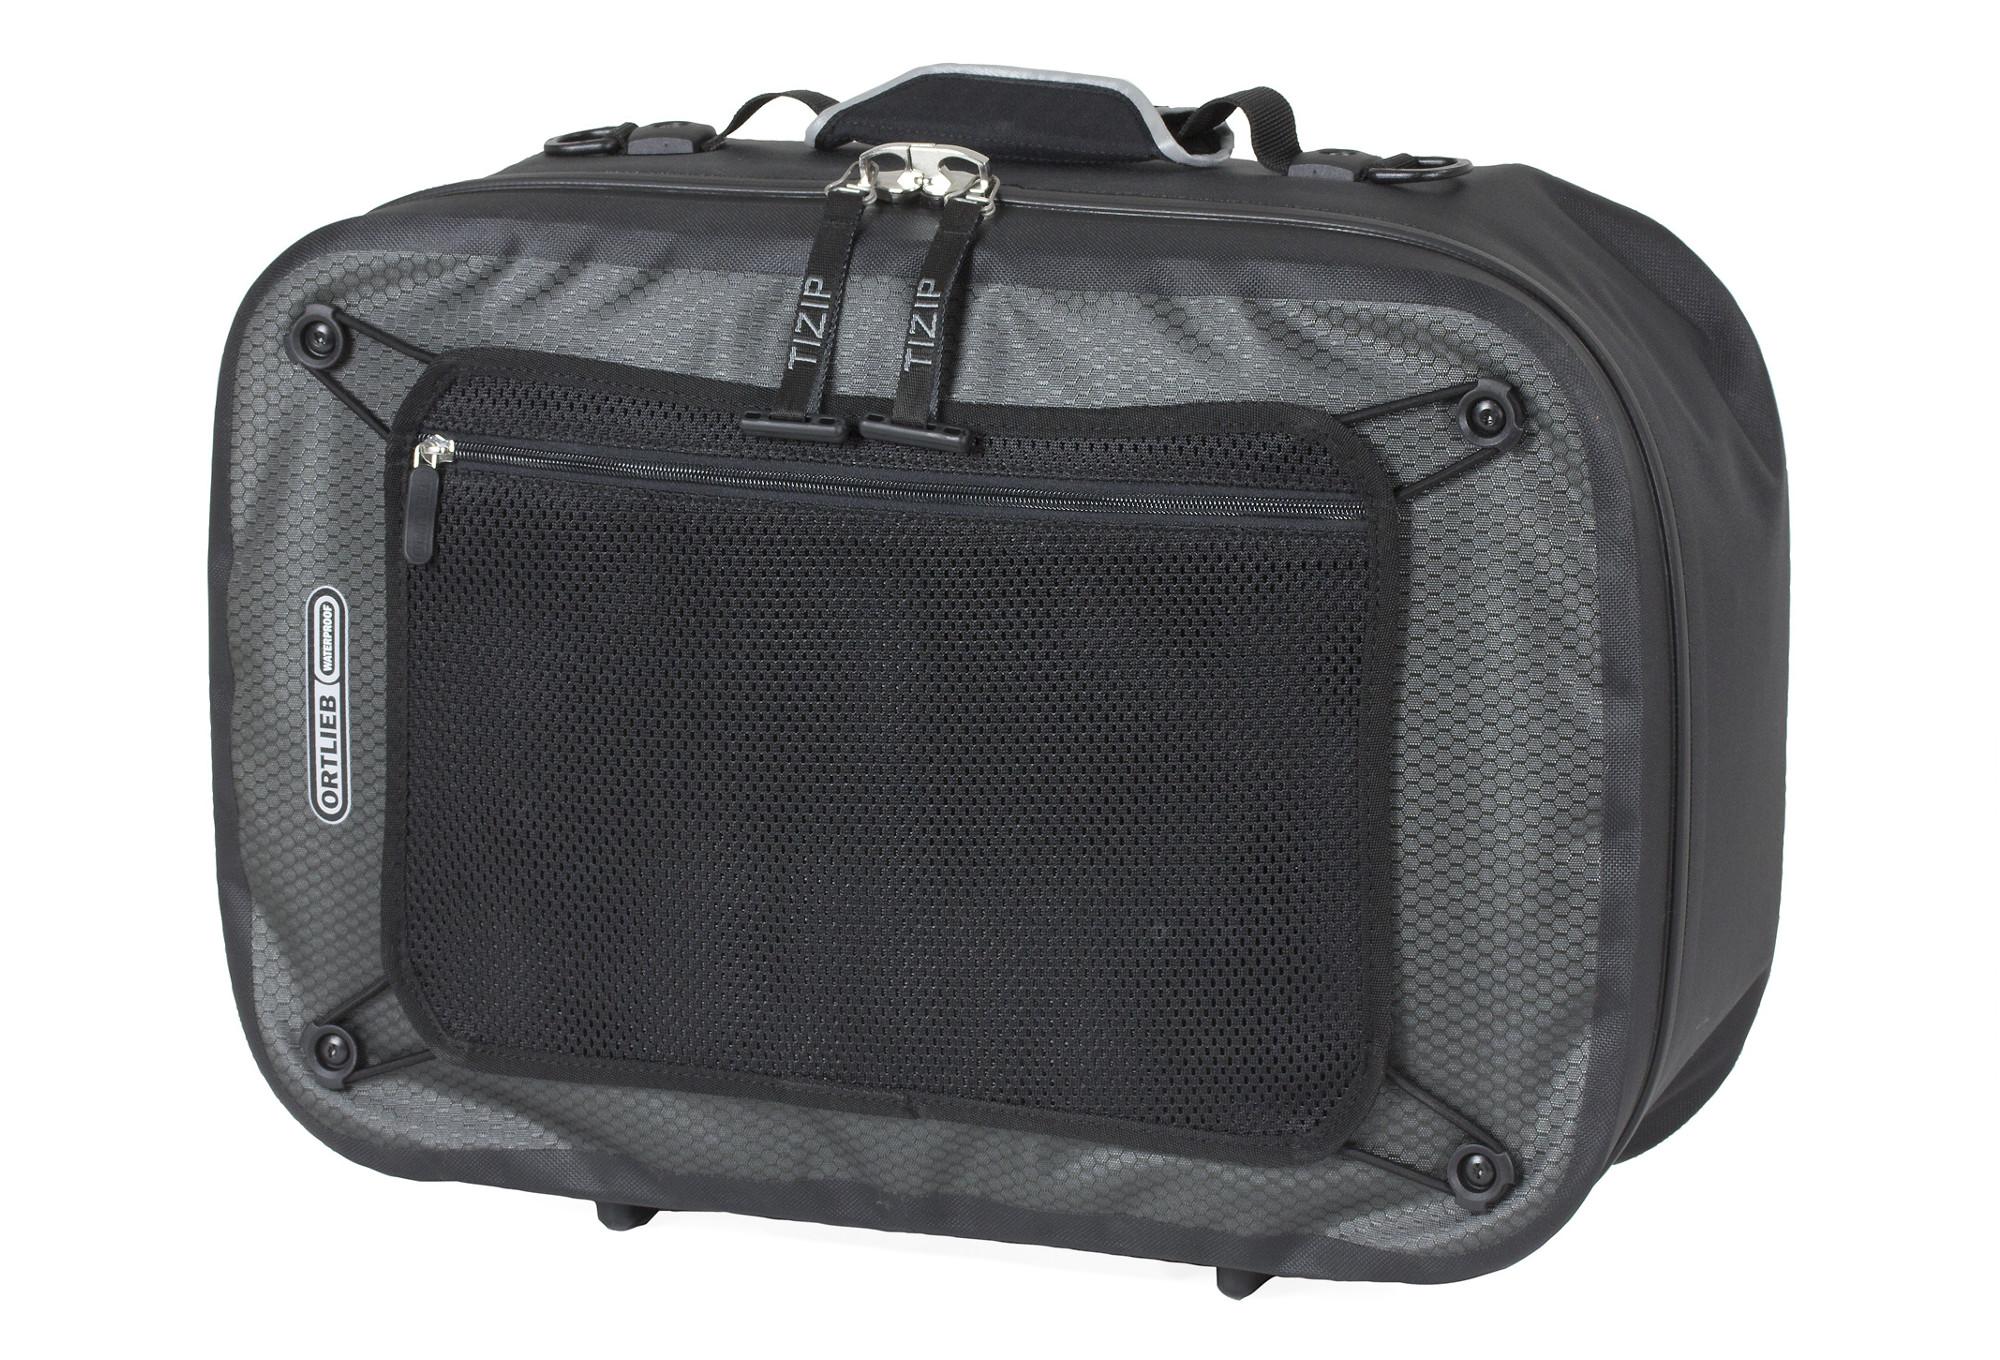 valise de porte bagages ortlieb travel biker noir gris. Black Bedroom Furniture Sets. Home Design Ideas